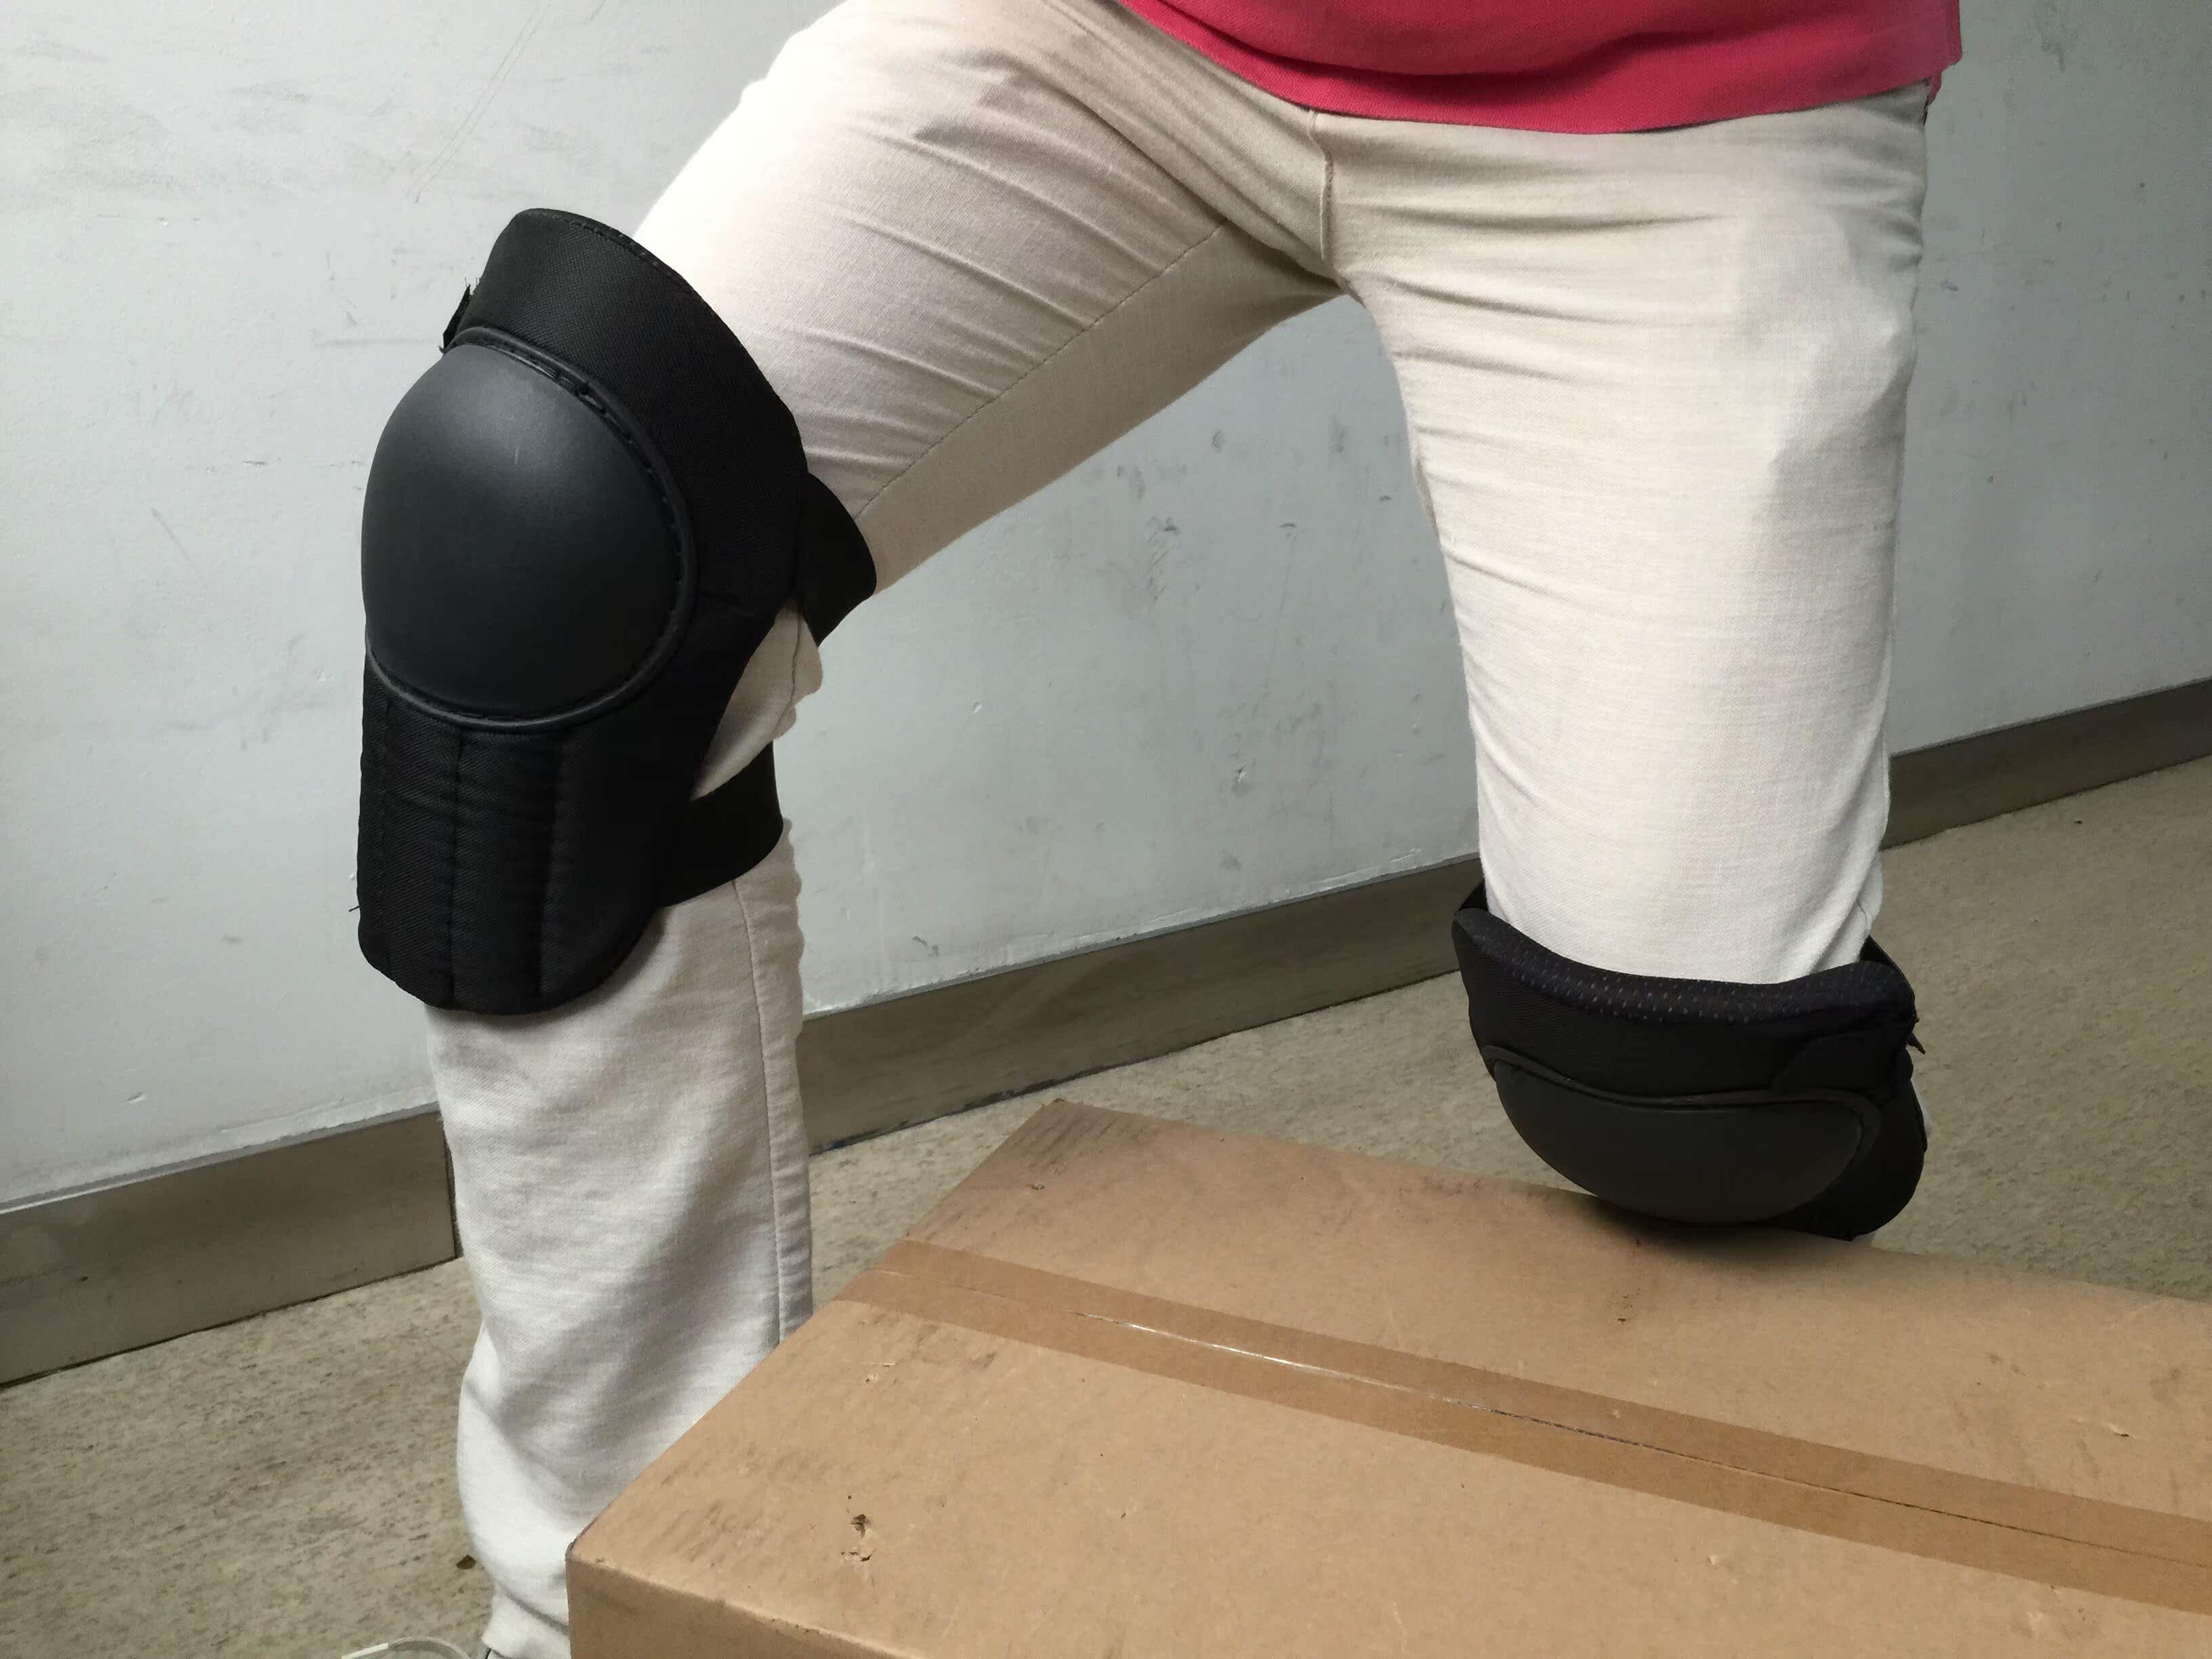 Экспорт в европе прекрасный труд страхование сварка kneepad ремонт автомобиль работа мое работа труд шаг магазин кирпич стойкость к осыпанию грязь работа противо травма пригодный для носки защитное снаряжение